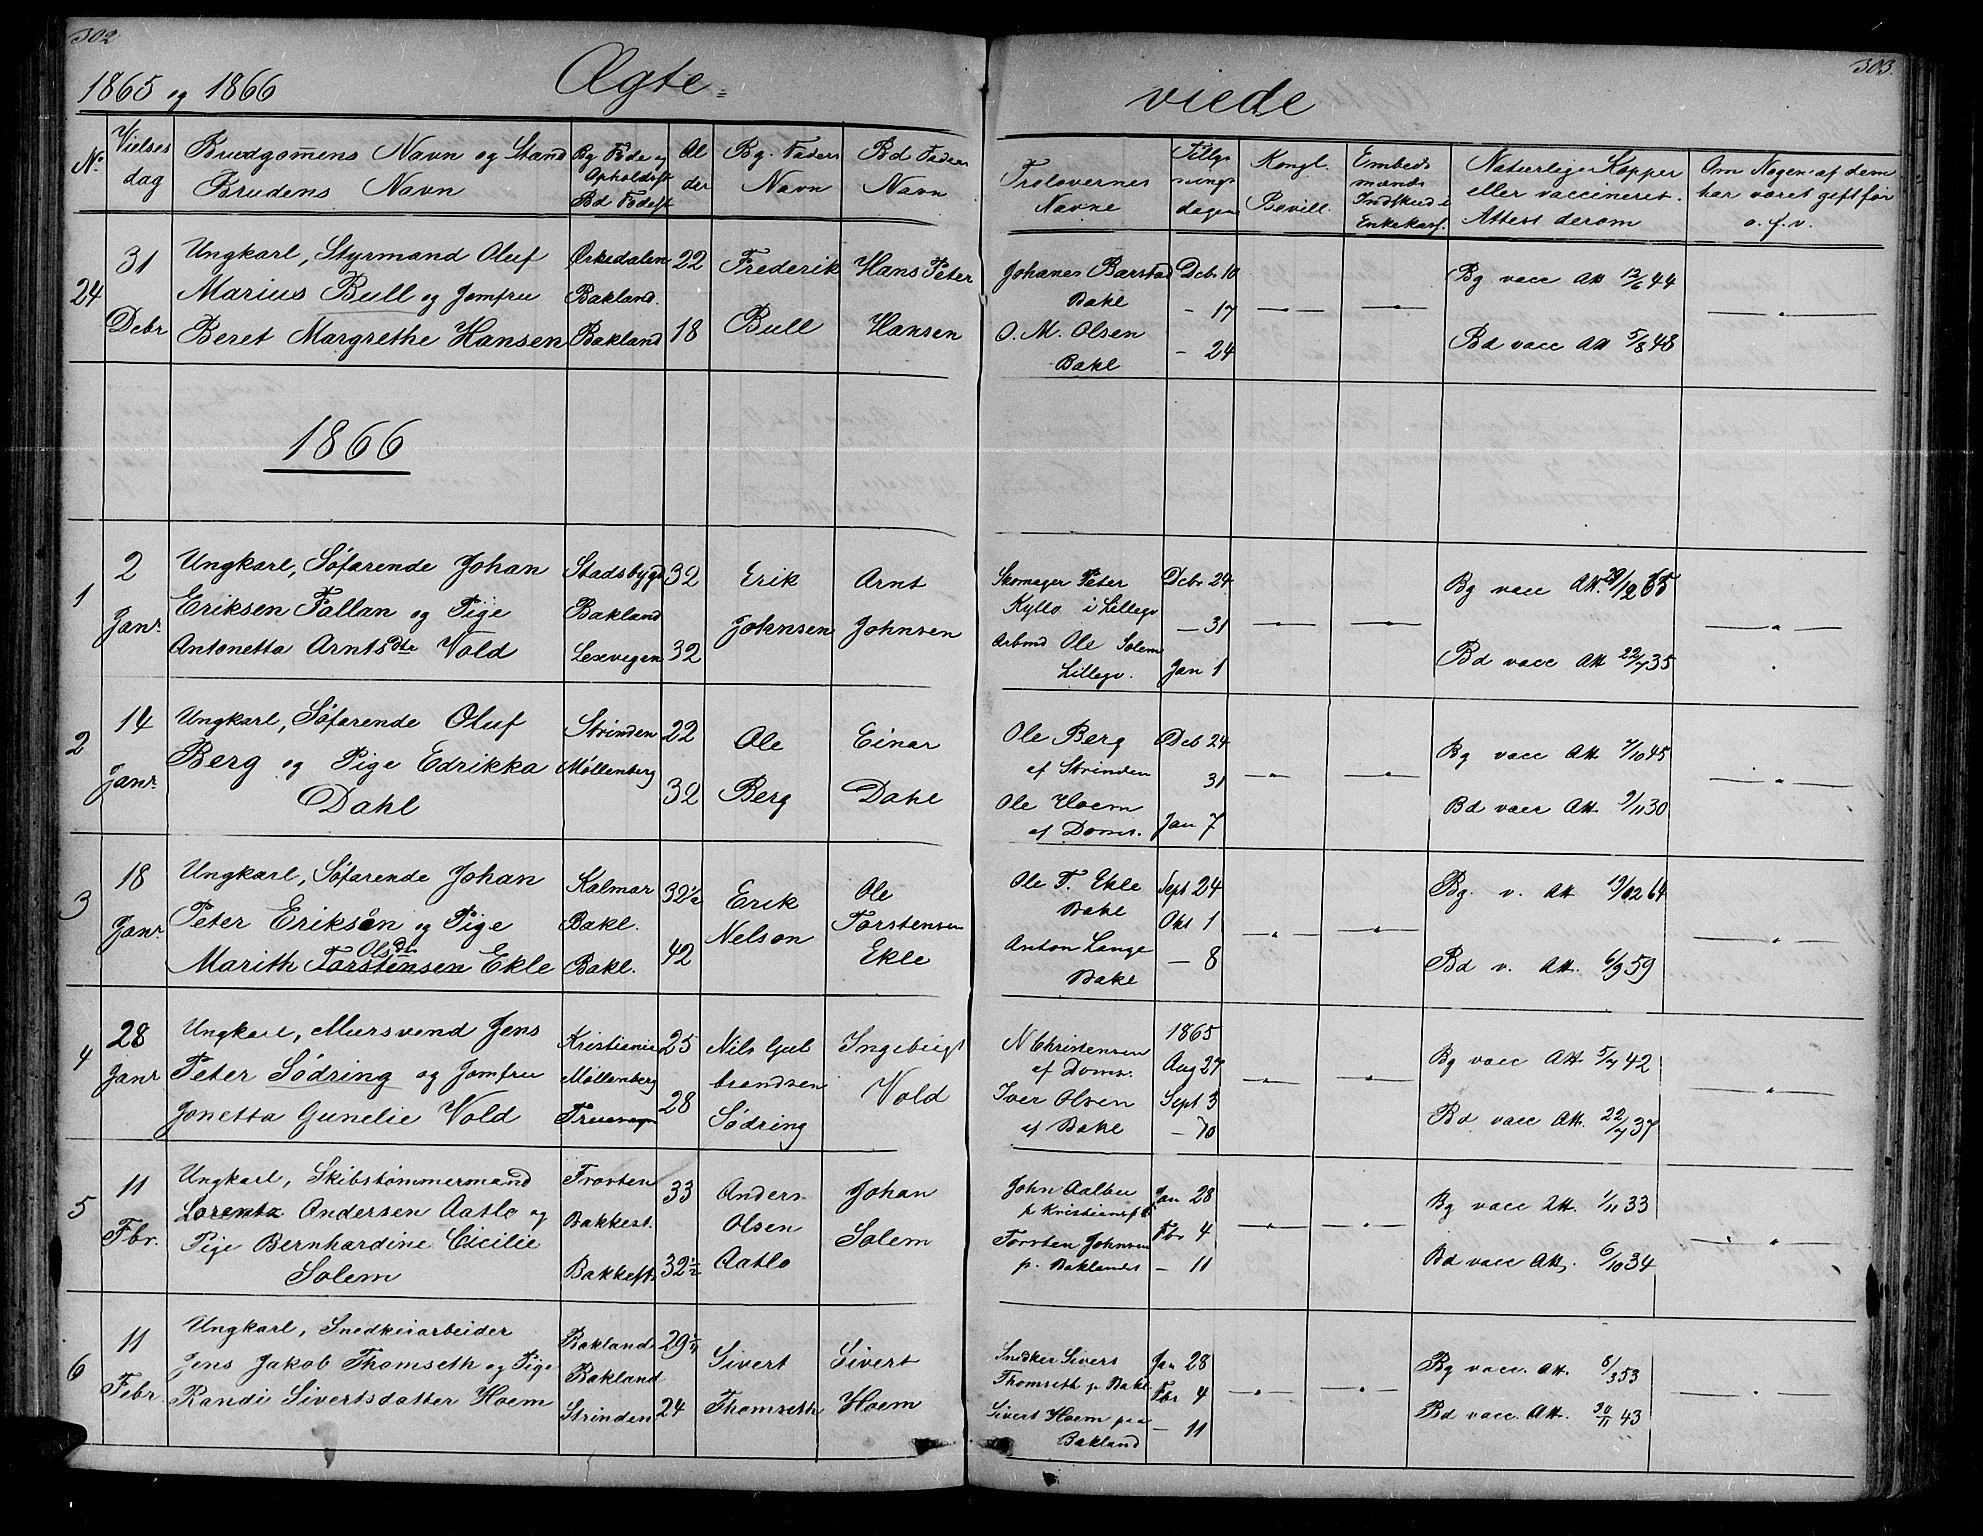 SAT, Ministerialprotokoller, klokkerbøker og fødselsregistre - Sør-Trøndelag, 604/L0219: Klokkerbok nr. 604C02, 1851-1869, s. 302-303